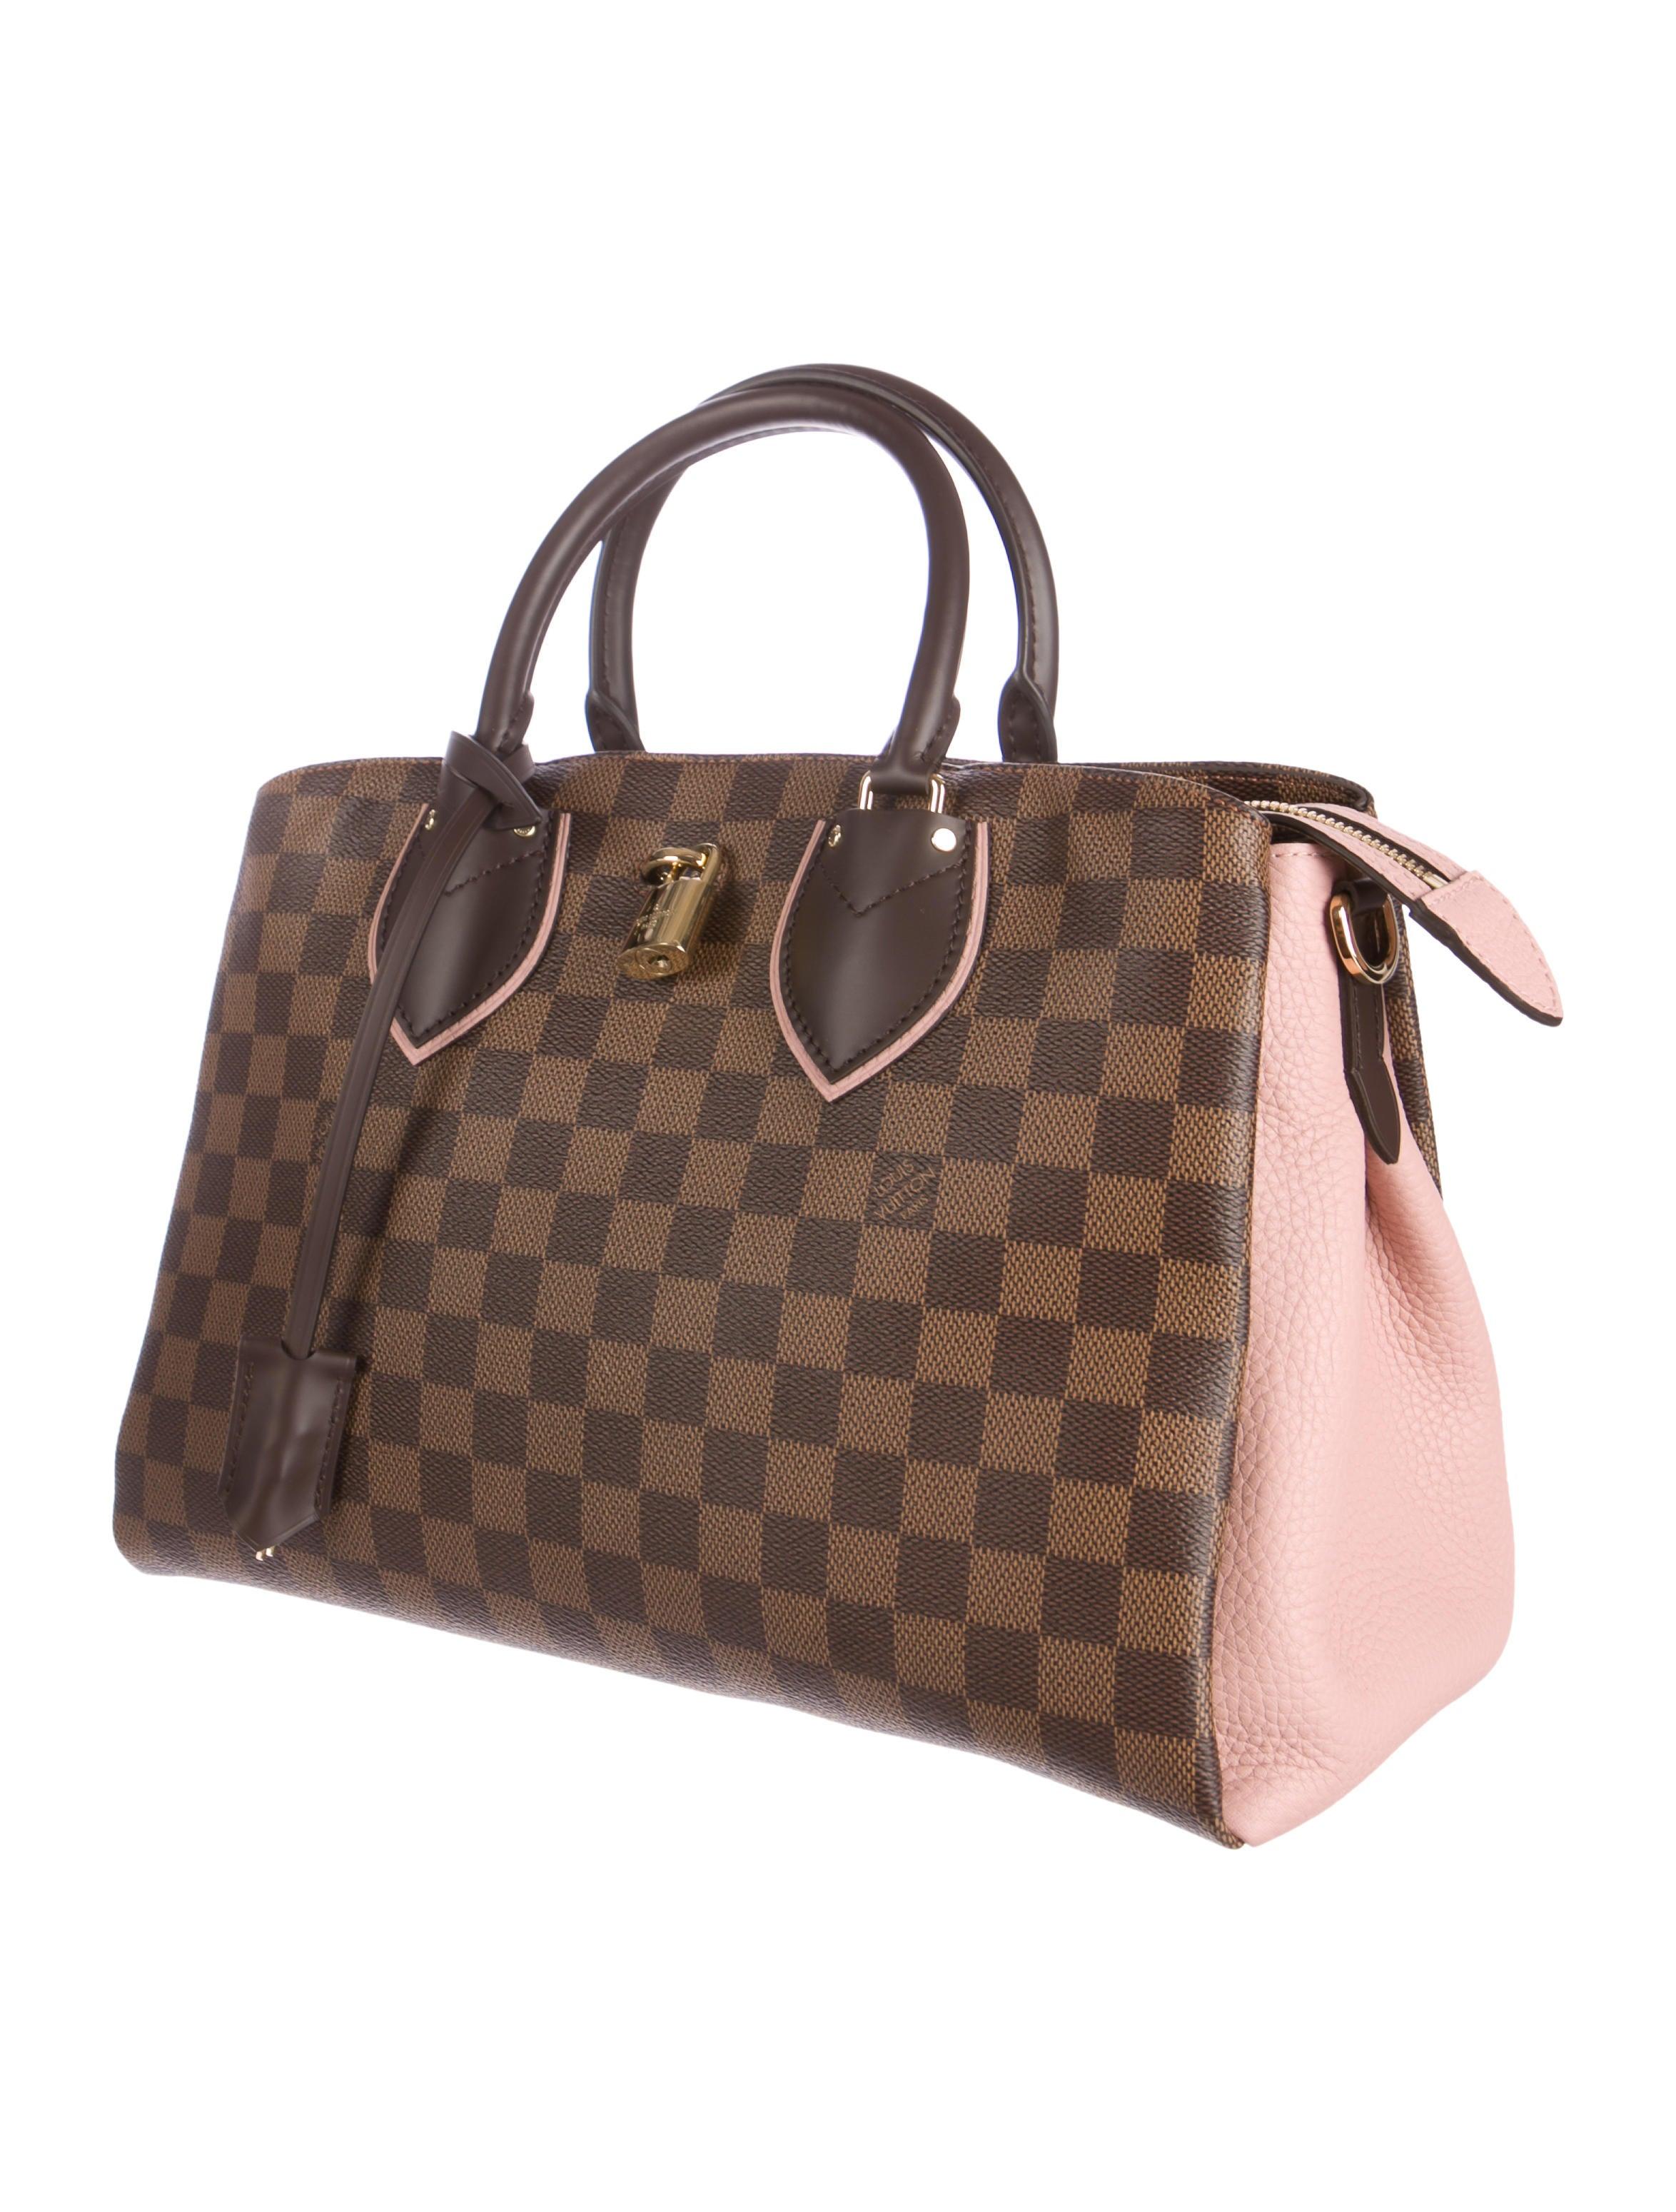 Louis Vuitton Damier Ebene Normandy Handbags Lou71398